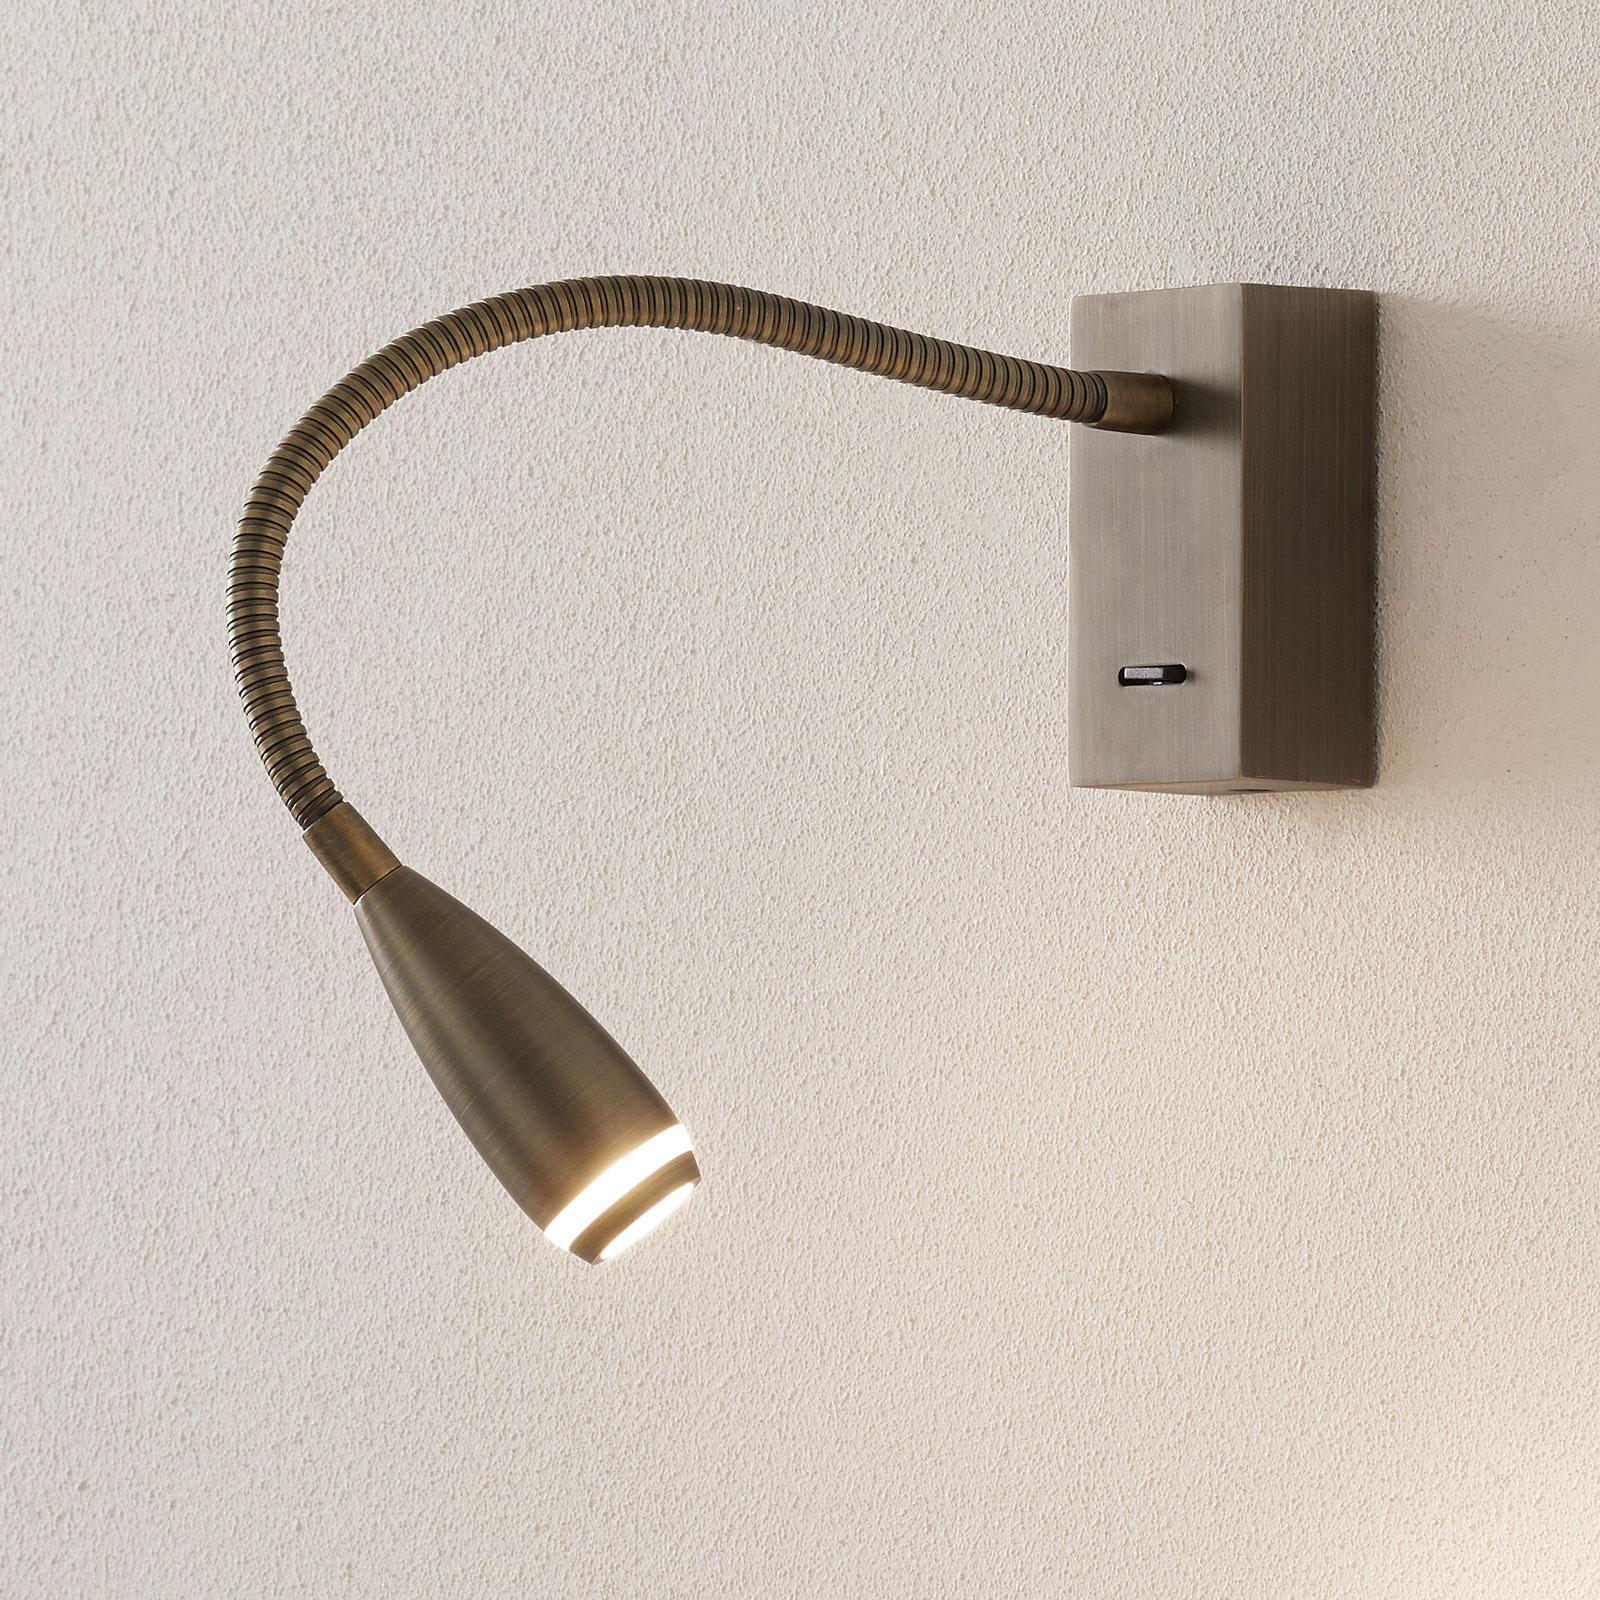 LED-Wandleuchte Clik mit Schalter, bronze